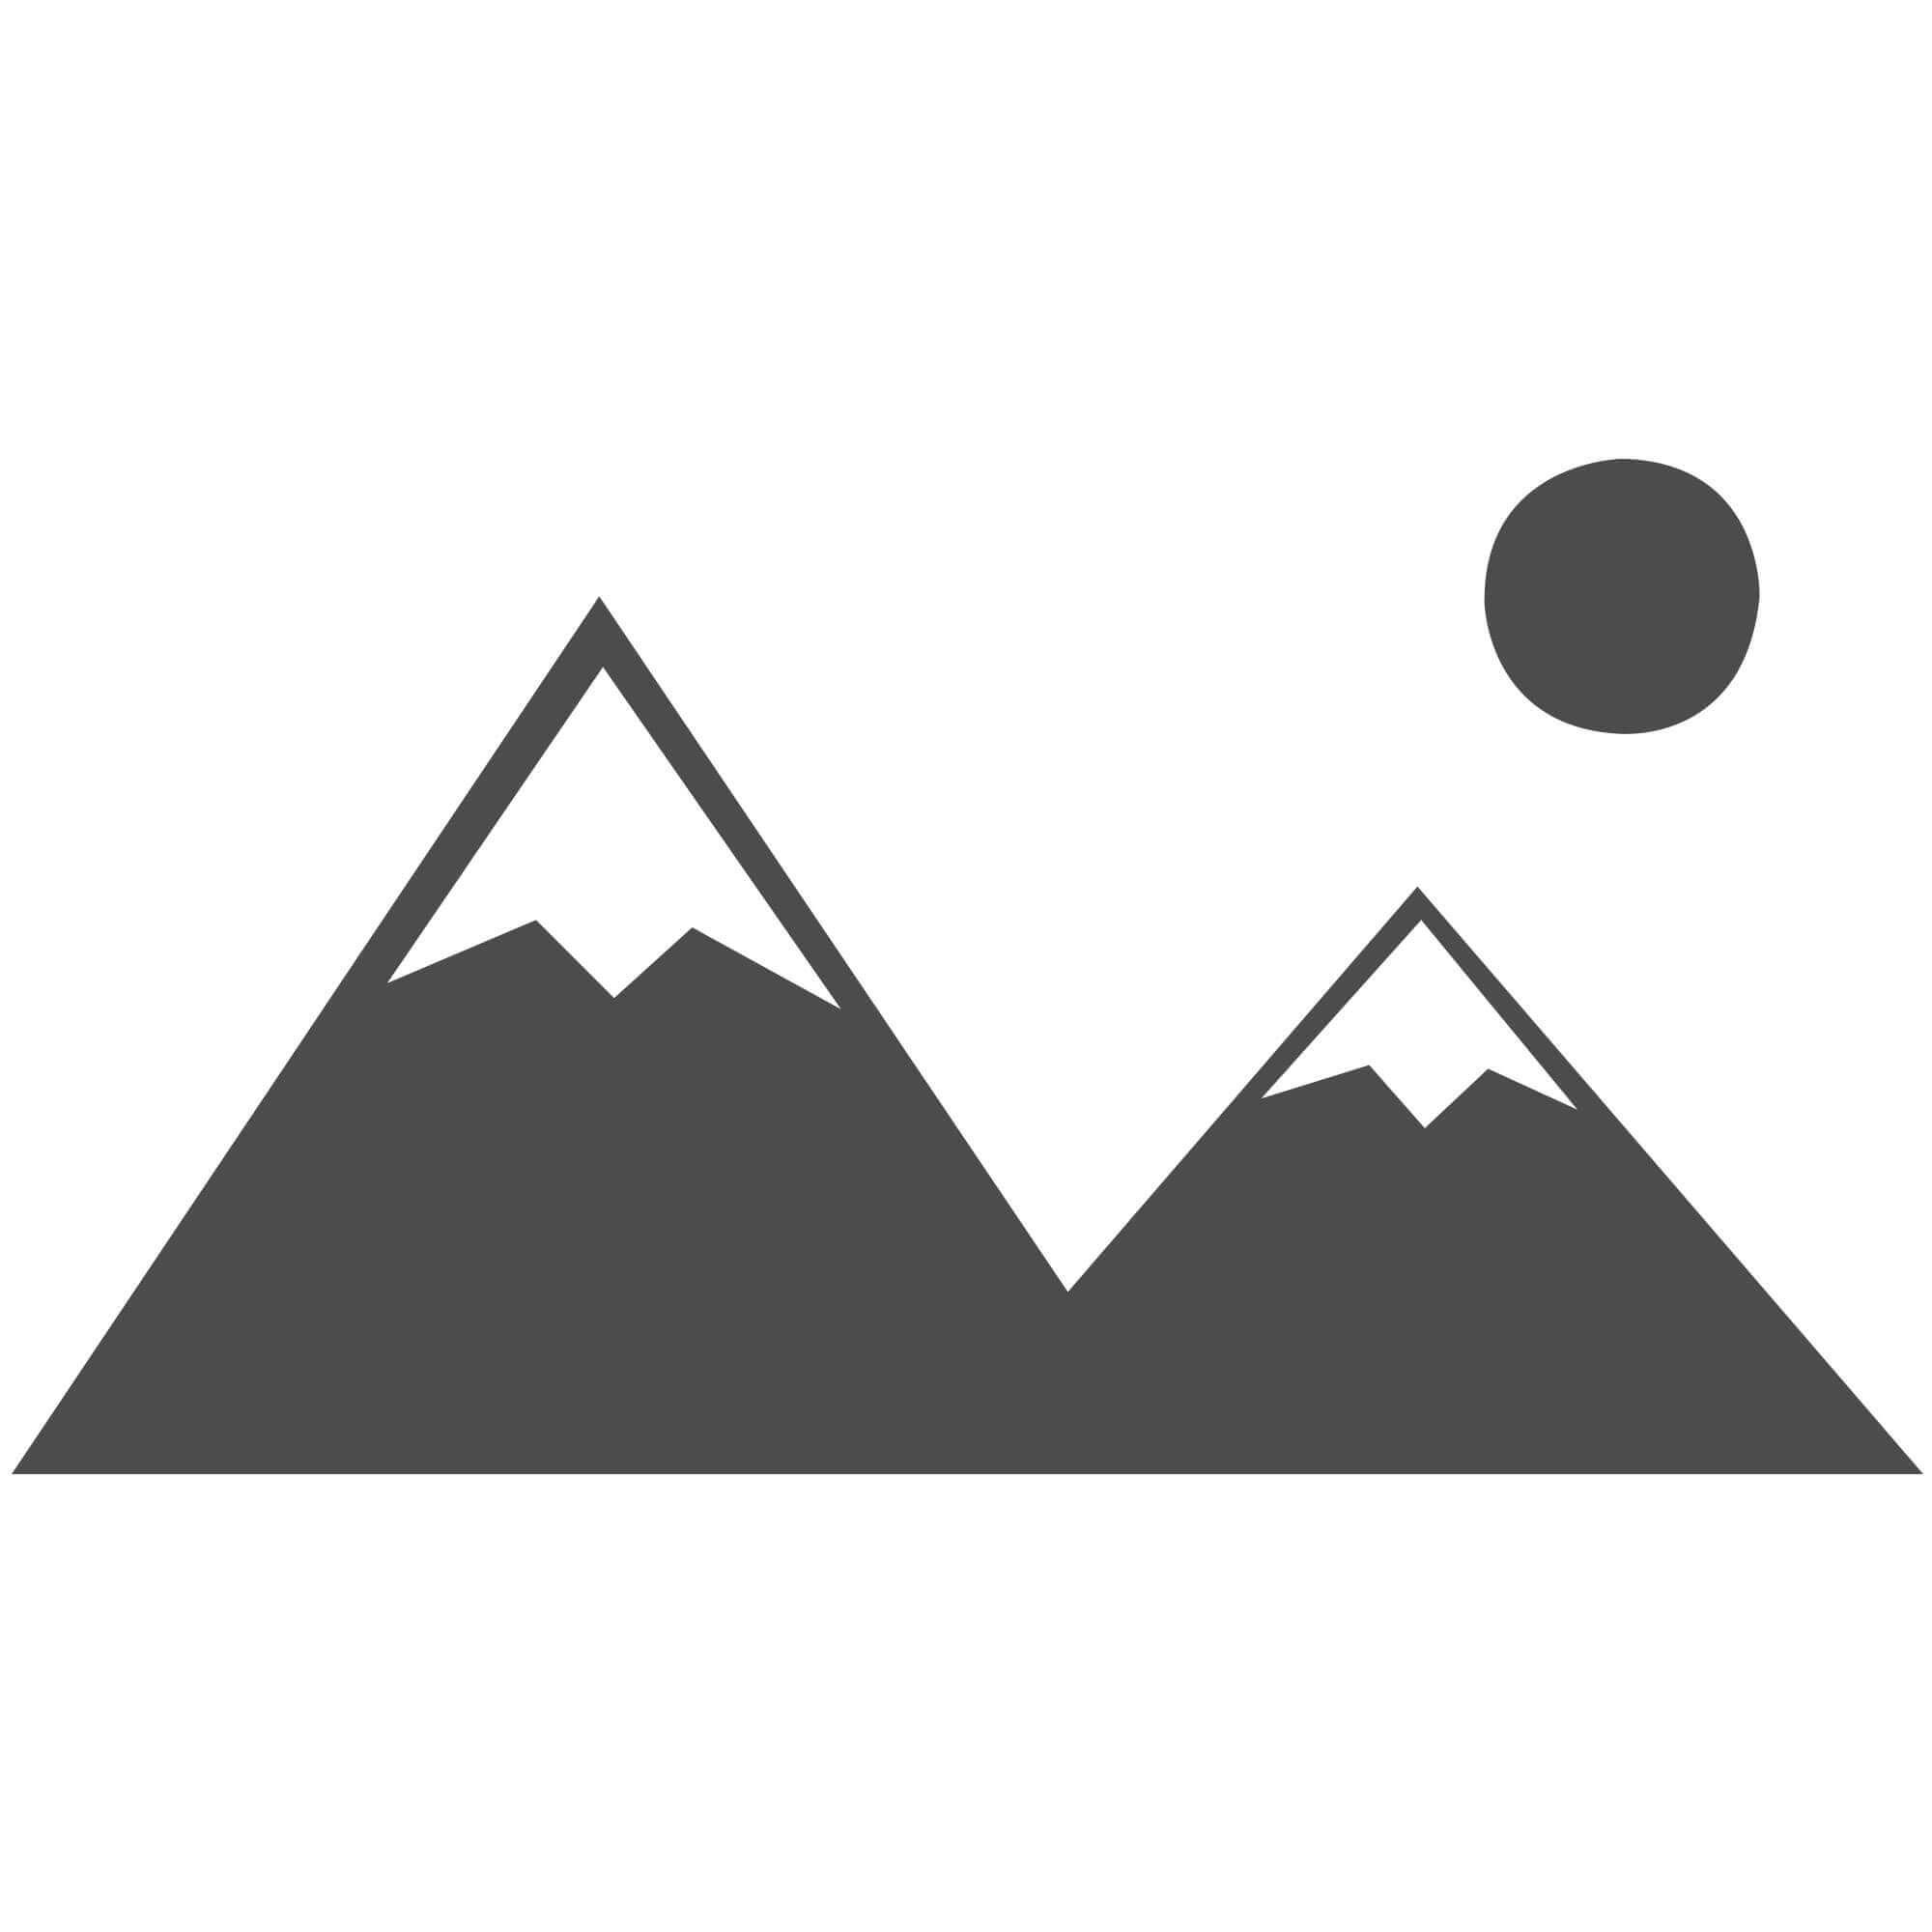 """Pearl Shaggy Dusky Pink Rug - Size 120 x 170 cm (4' x 5'7"""")"""